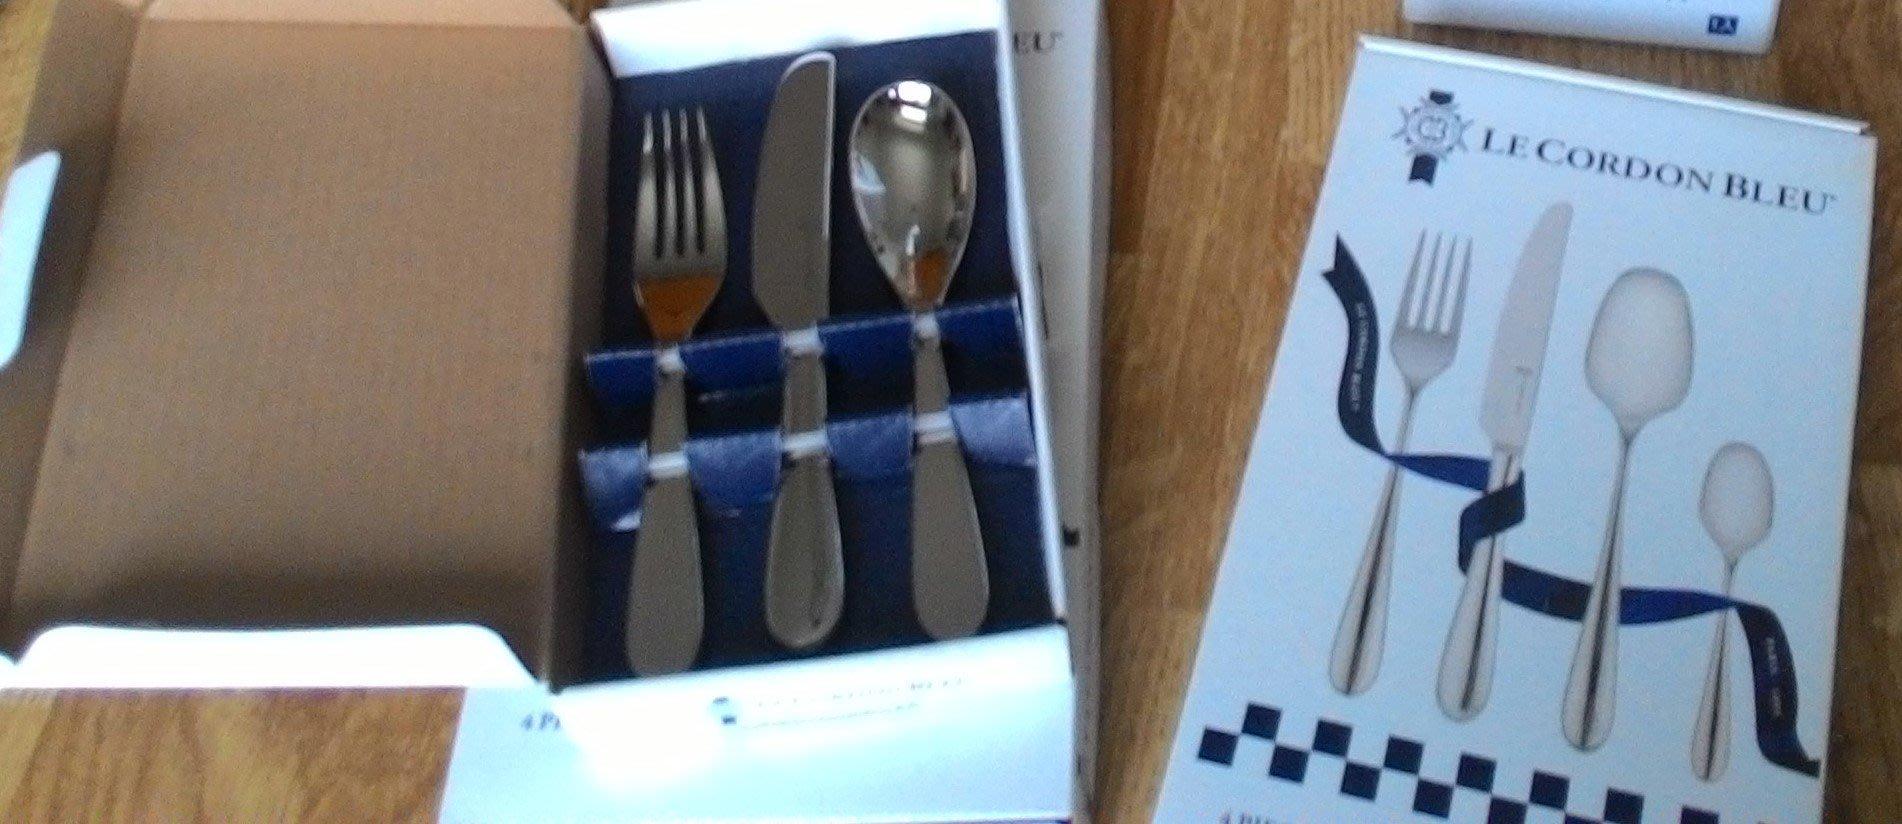 LE CORDON BLEU法國藍帶學校餐具-小三件餐具